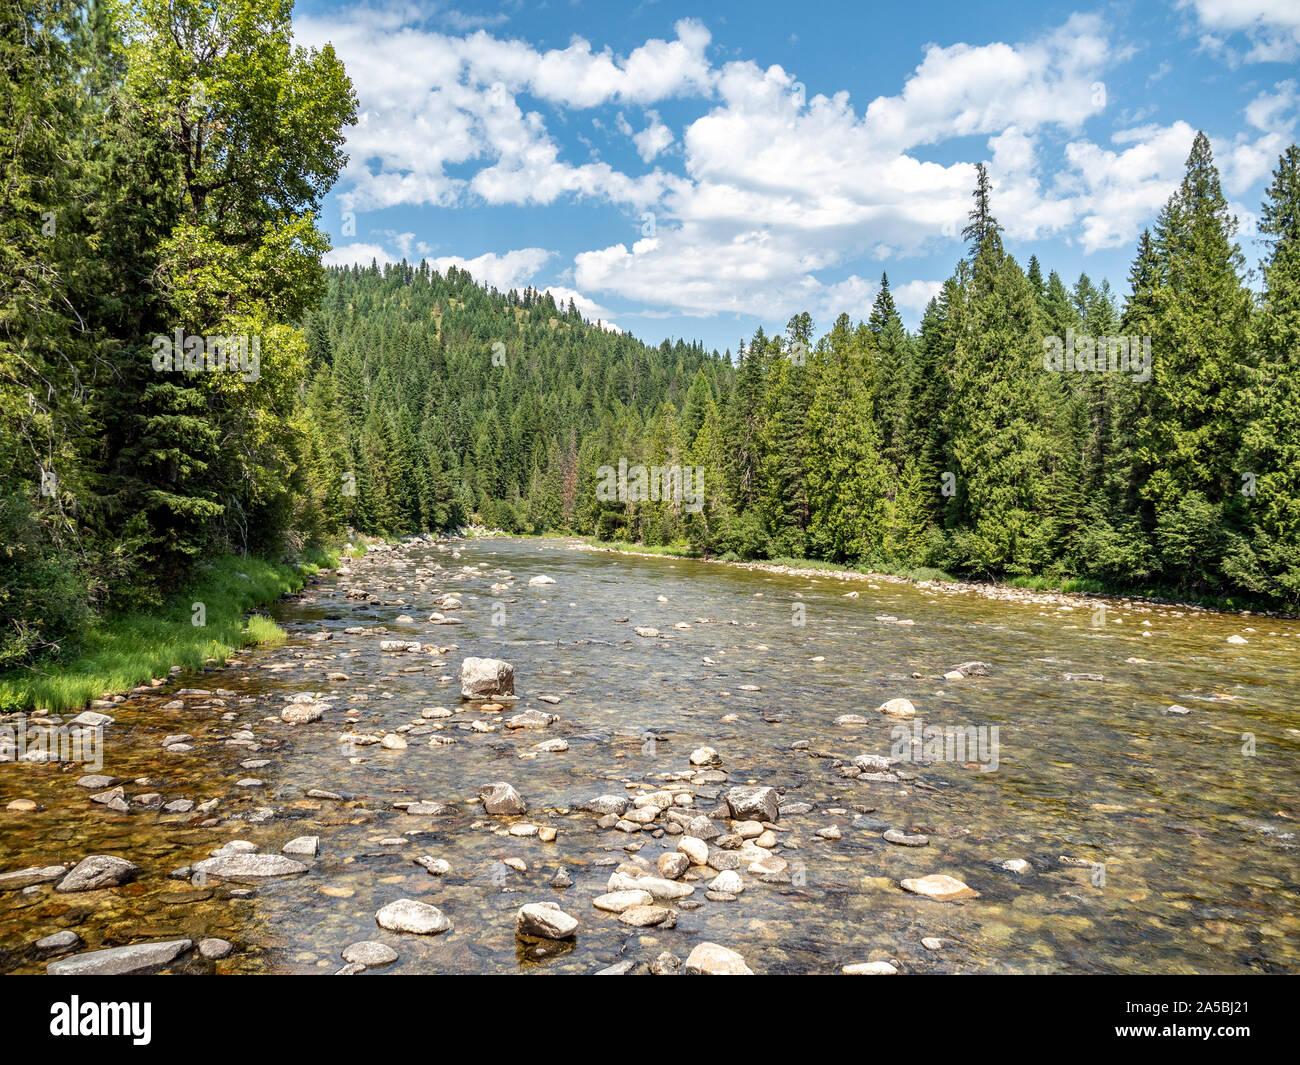 Mountain Stream über felsige Flussbett mit Bäumen und blauen Himmel im Hintergrund fließt. Stockfoto